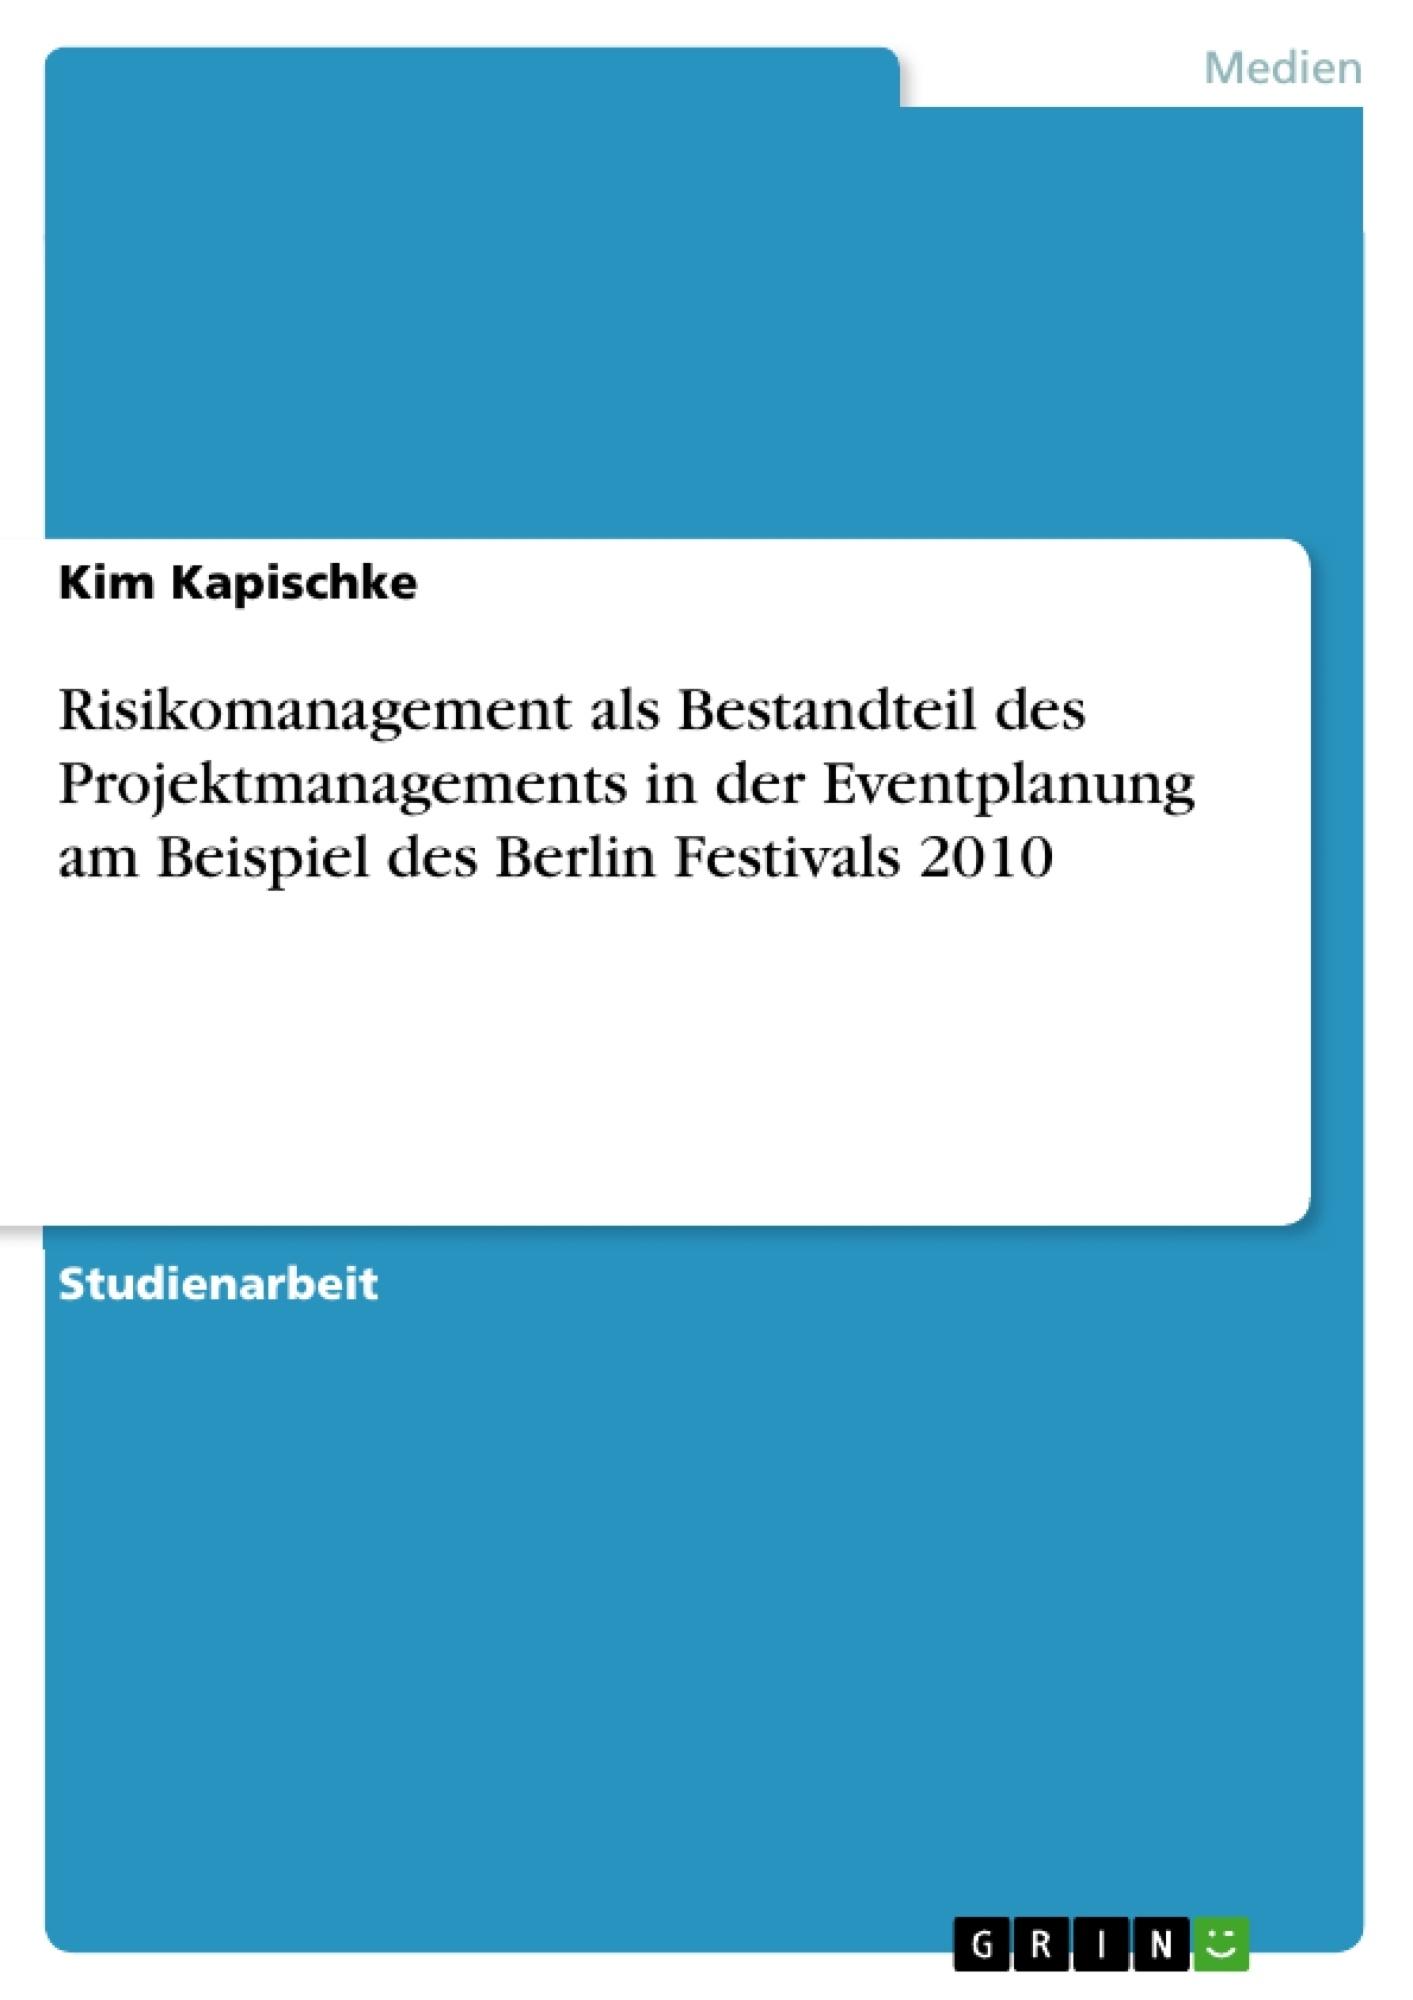 Titel: Risikomanagement als Bestandteil des Projektmanagements in der Eventplanung am Beispiel des Berlin Festivals 2010